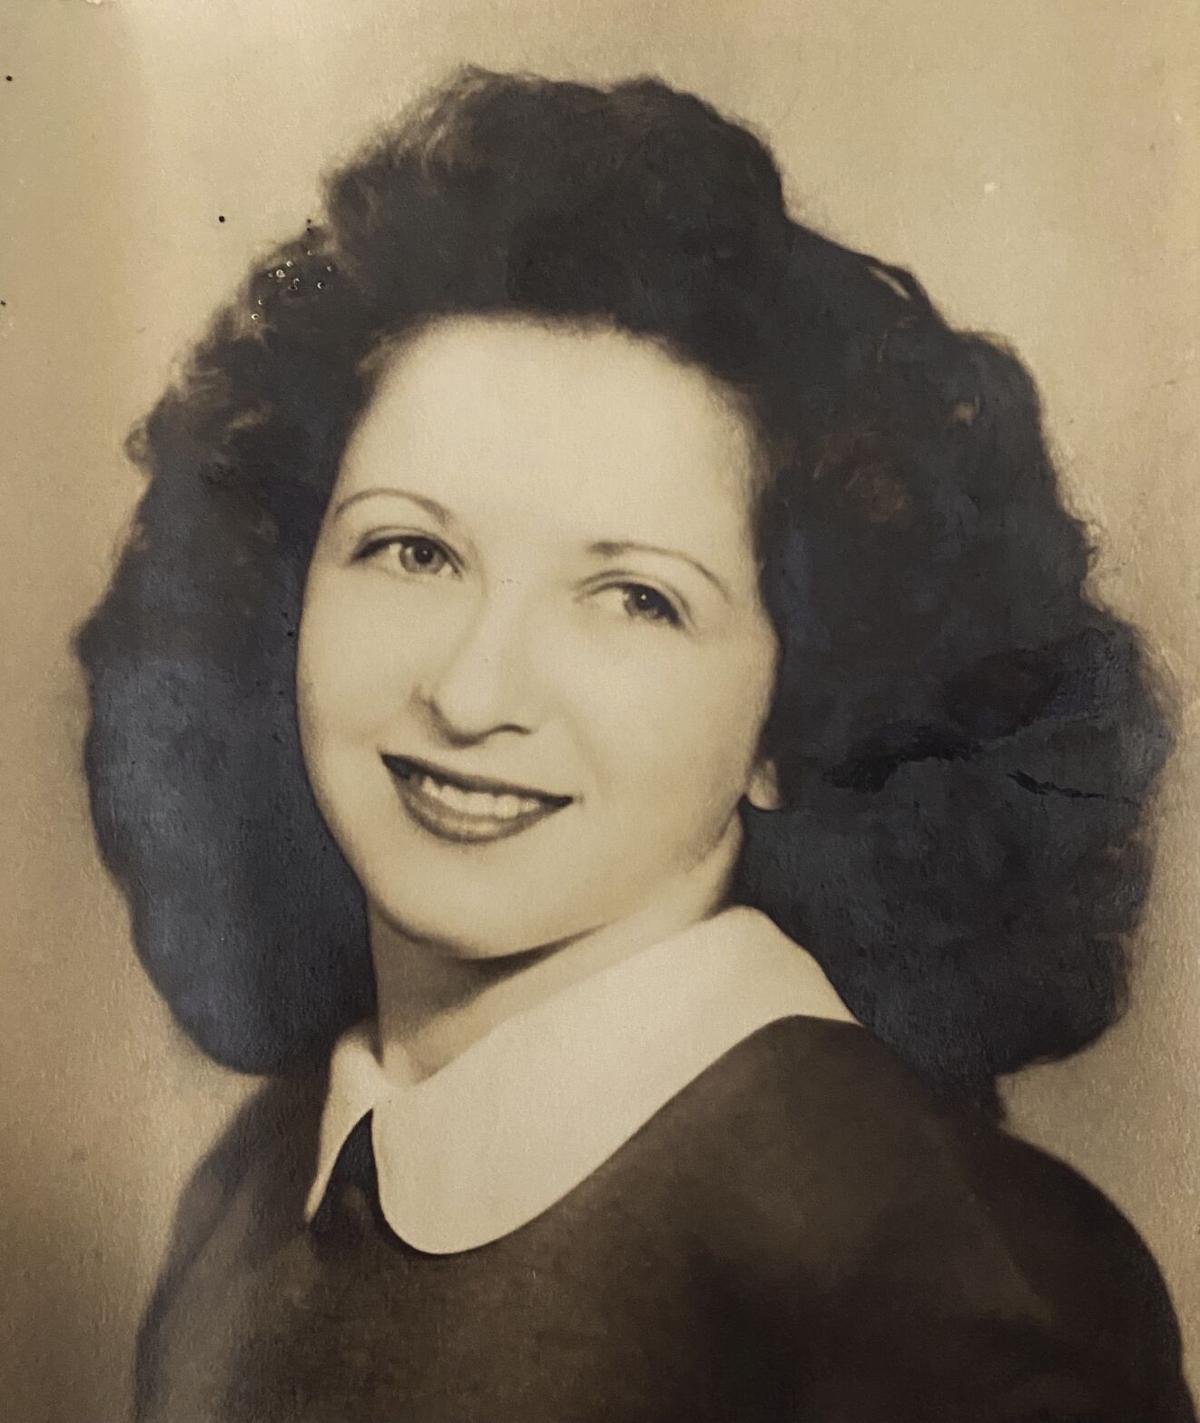 Loretta Mealue